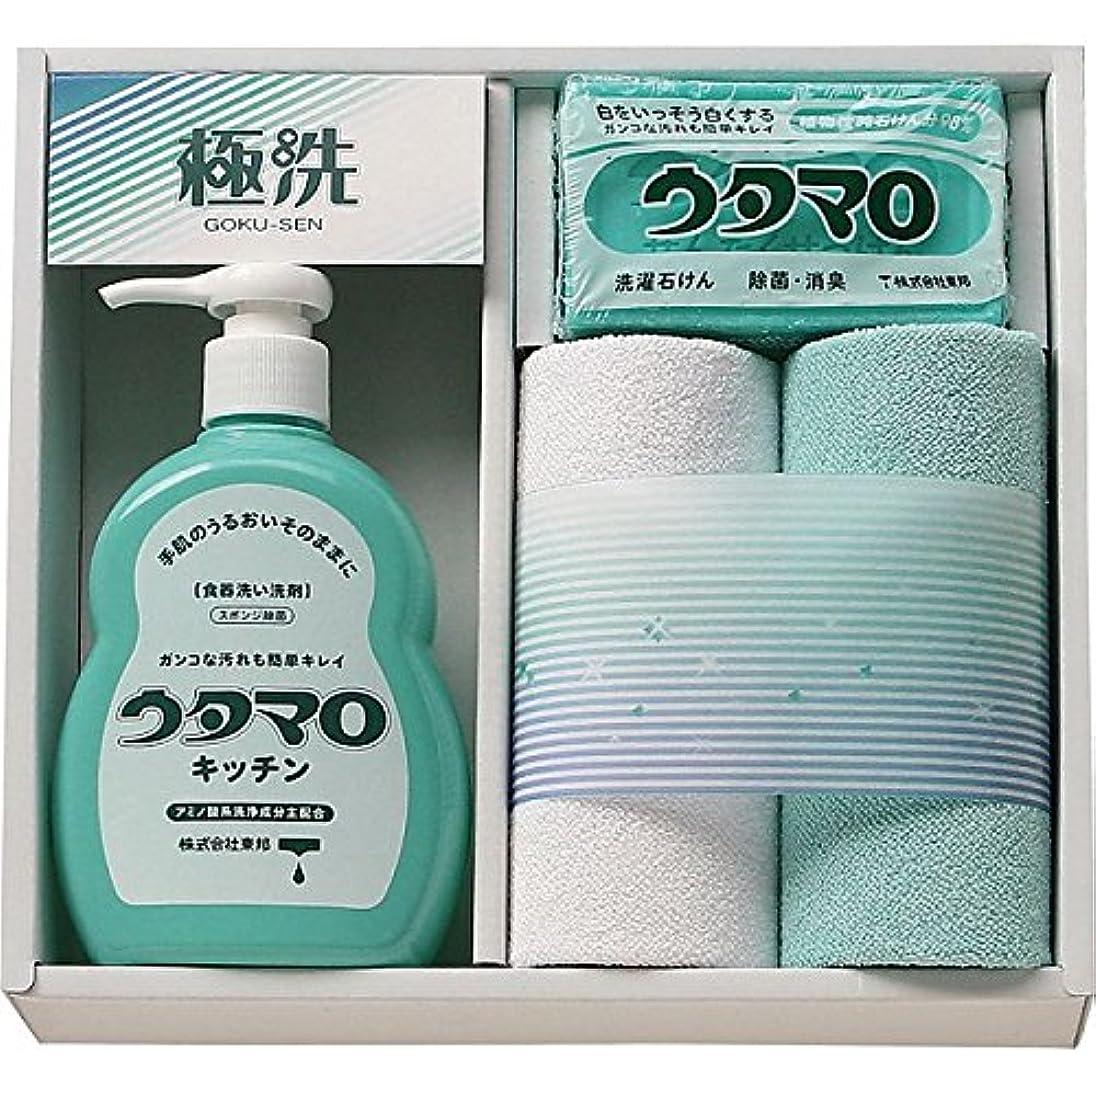 偽コークス尽きる( ウタマロ ) 石鹸?キッチン洗剤ギフト ( 835-1054r )